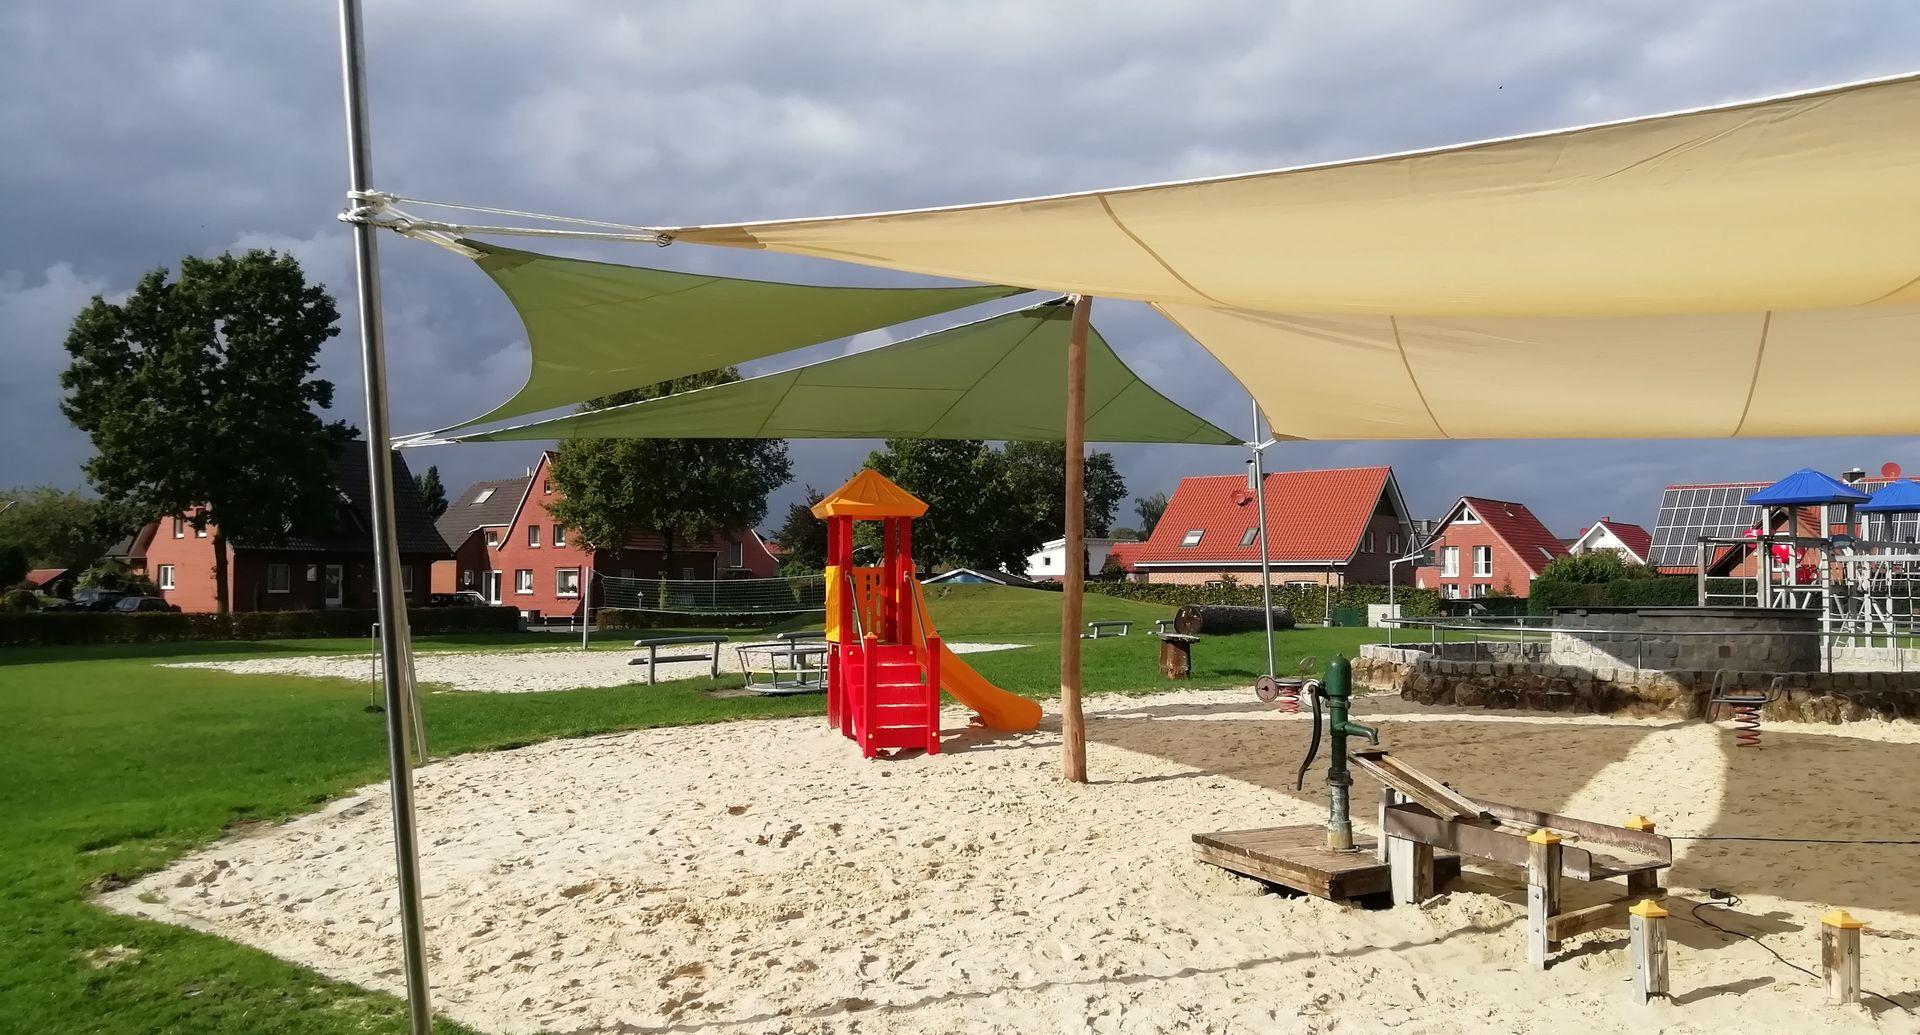 Sonnensegel für den Matschspielplatz im Generationpark Holtwick | Foto Heimat- und Kulturverein Holtwick e.V.